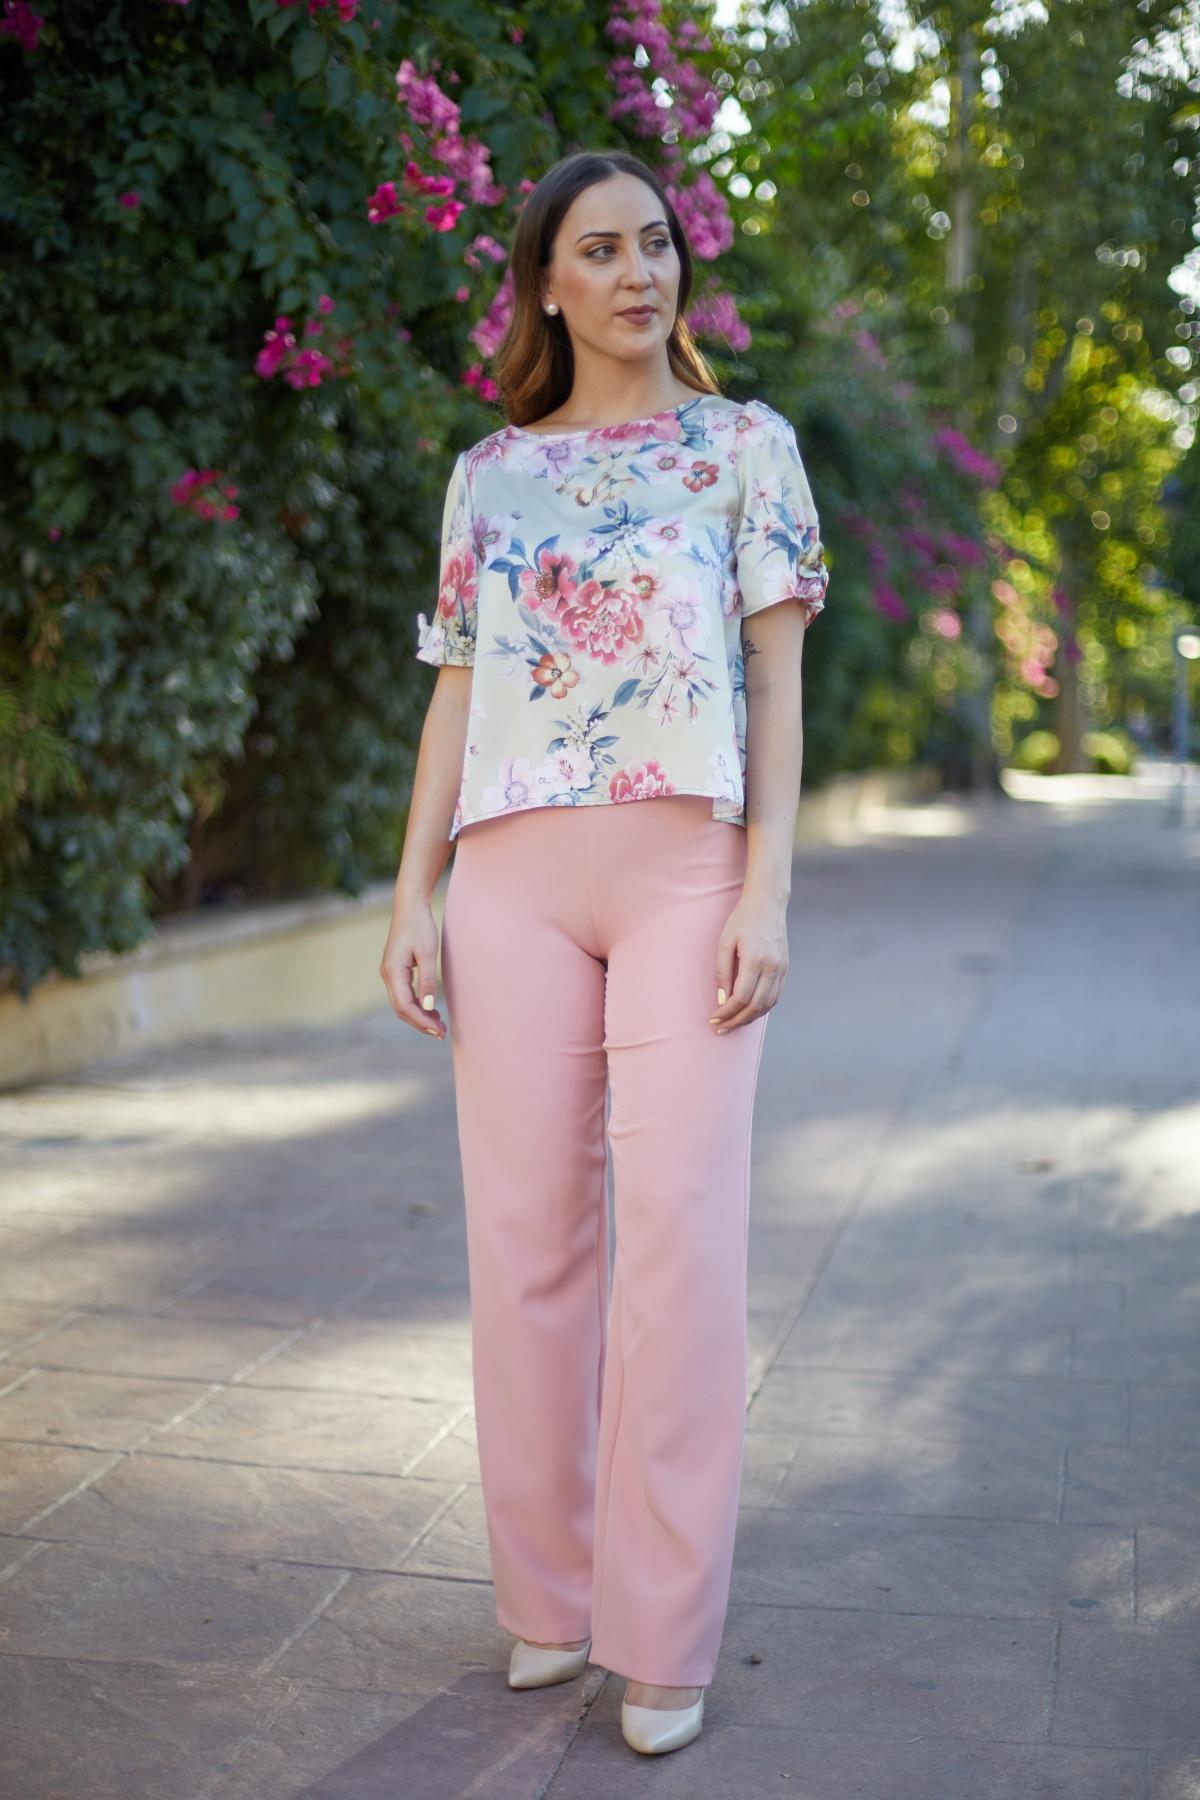 blusa Kioto con pantalon de fiesta mujer para boda o evento color rosa claro